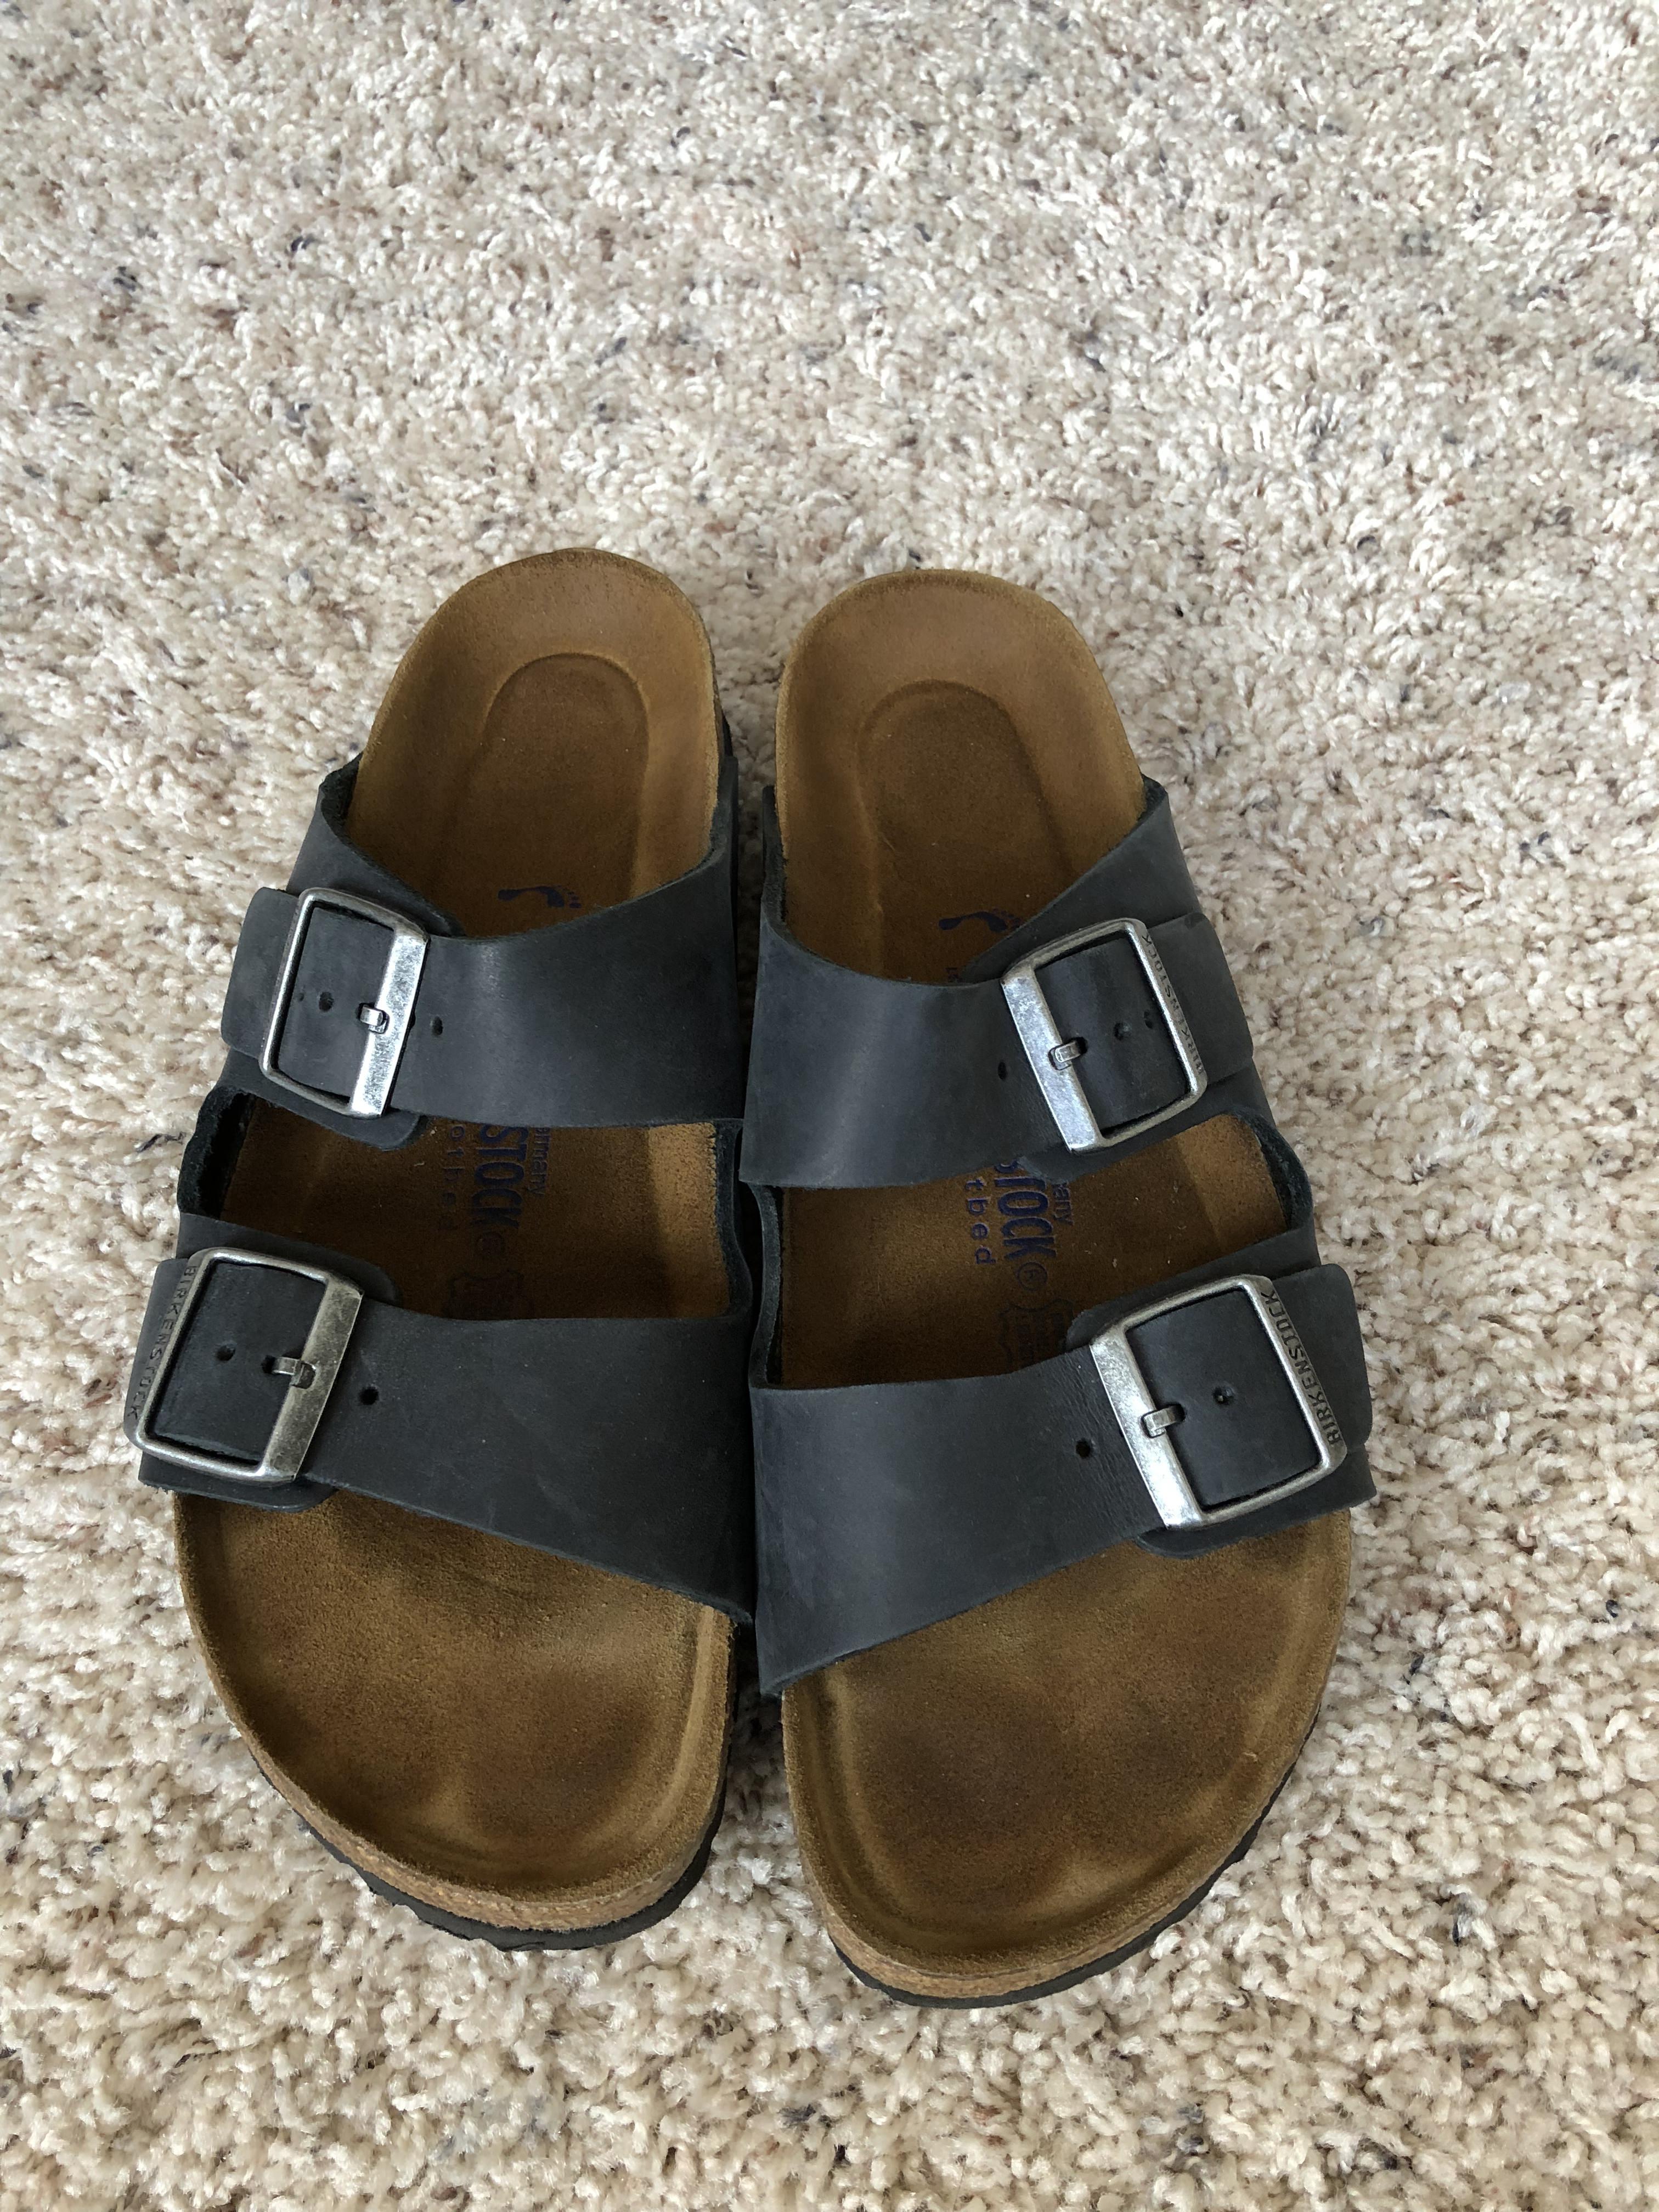 978c4530b7f9 Birkenstock Arizona Soft Footbed - Leather (unisex) Black Oiled ...